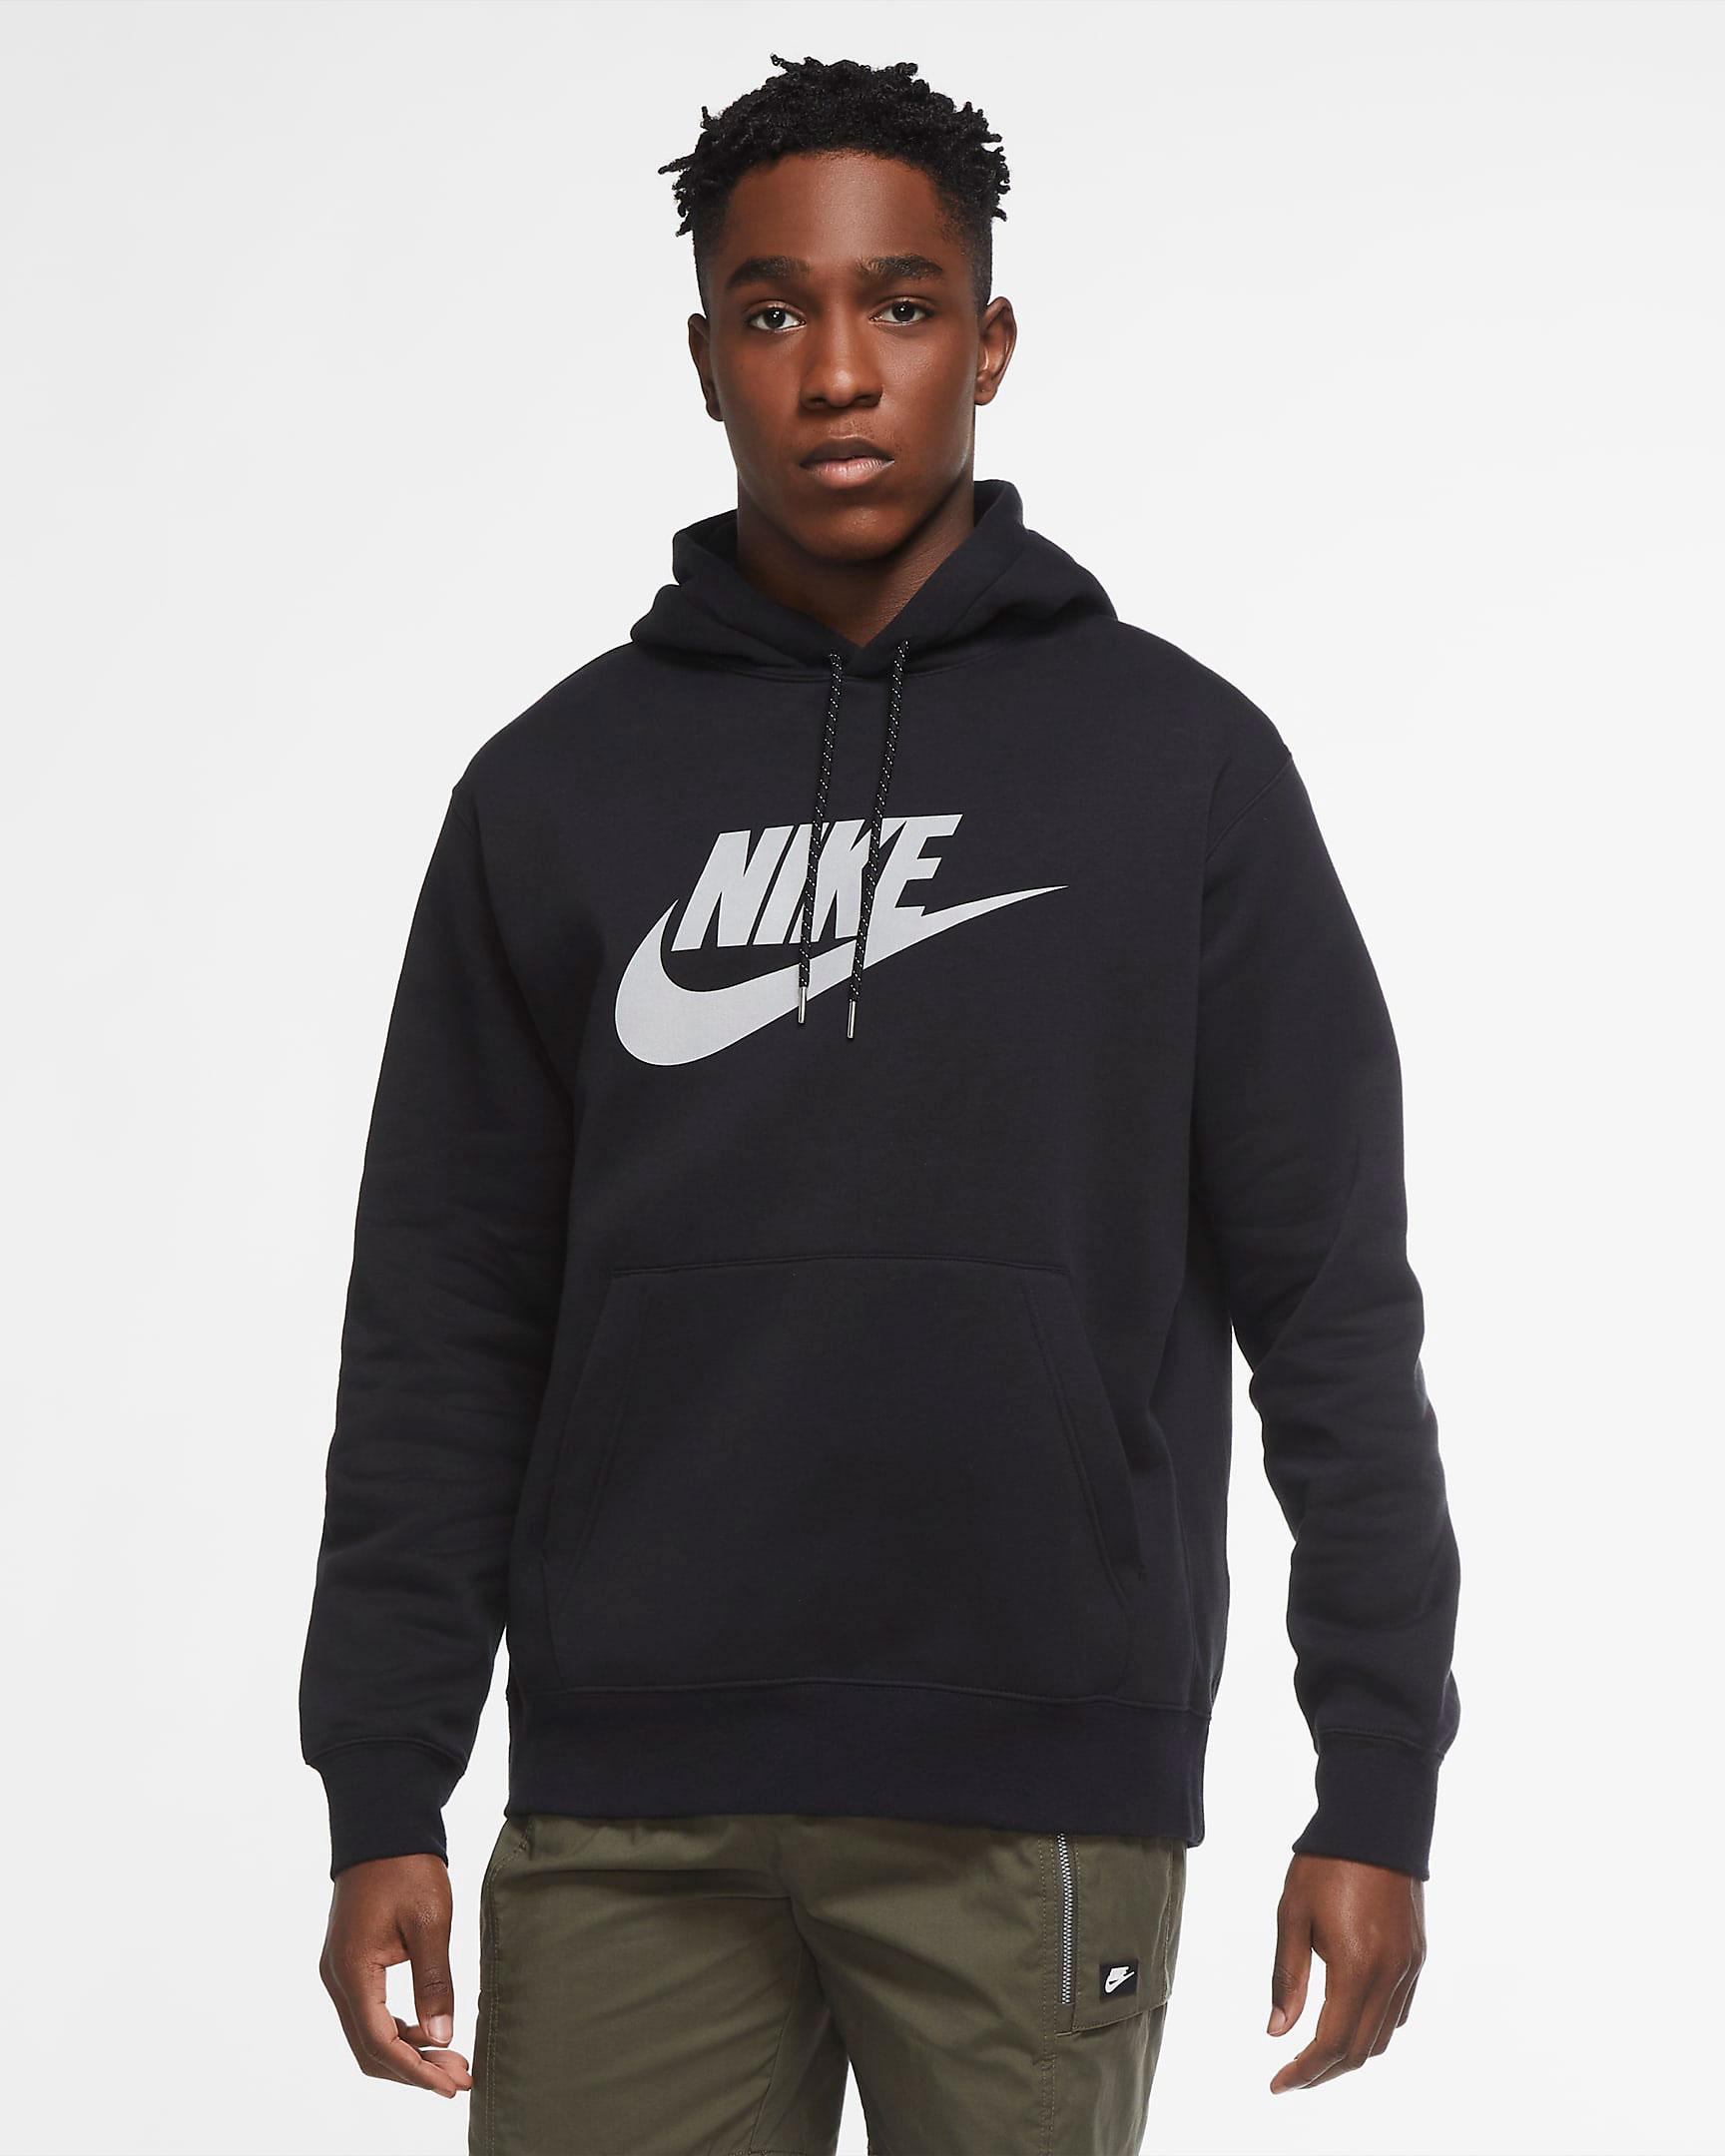 nike-sportswear-reflect-hoodie-black-silver-1